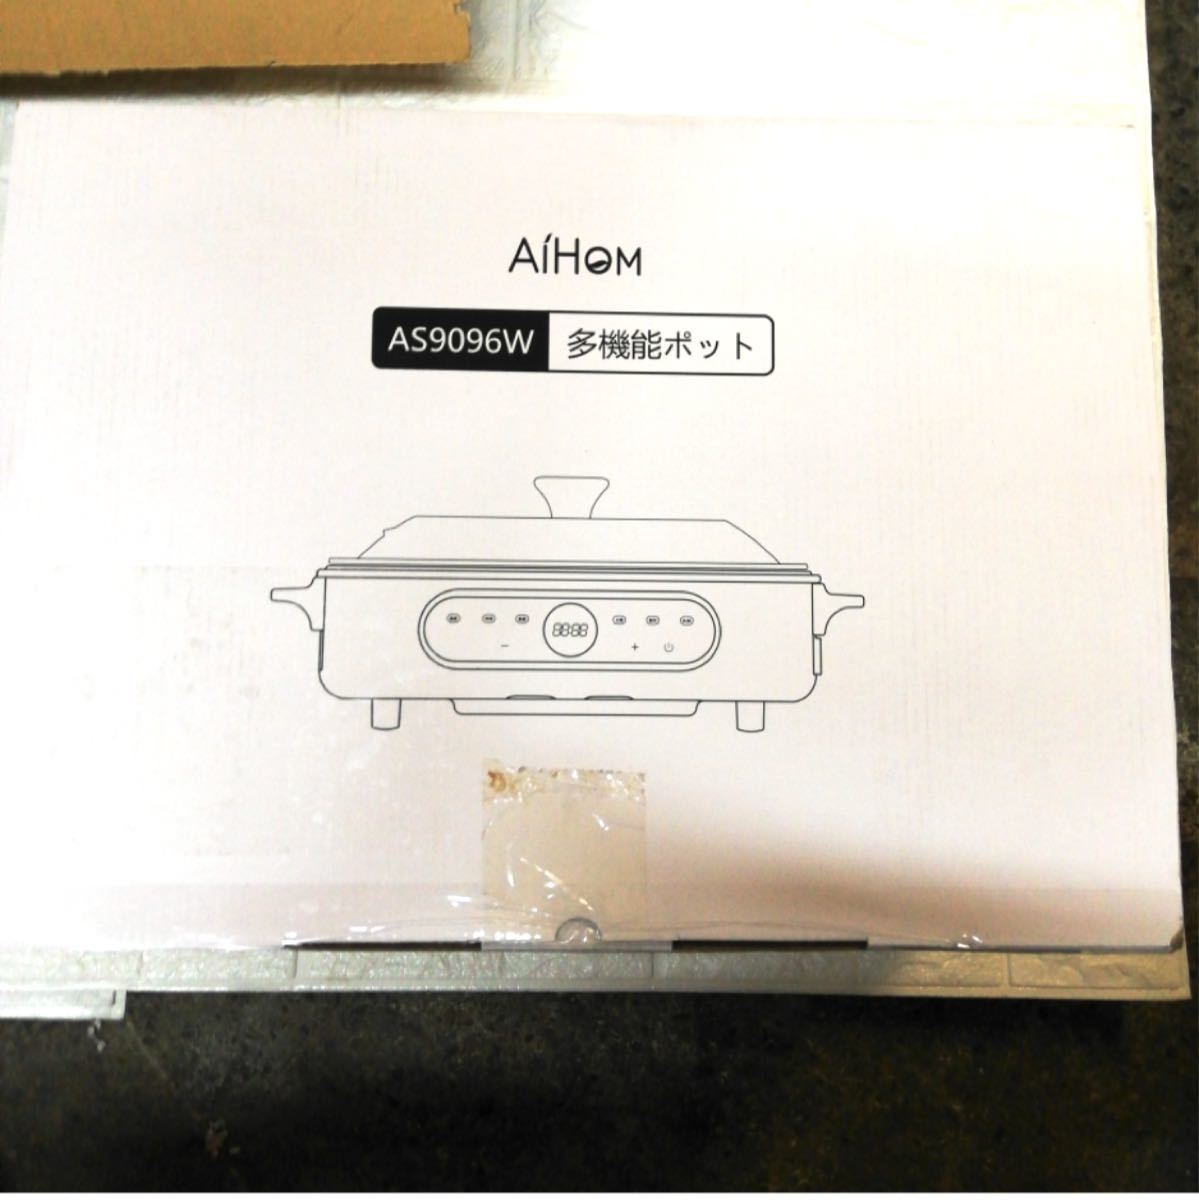 ホットプレート 平面+たこ焼き器プレート(標準)マルチポット グリル鍋 たこ焼き 焼肉マル ワンタッチ操作 温度調節